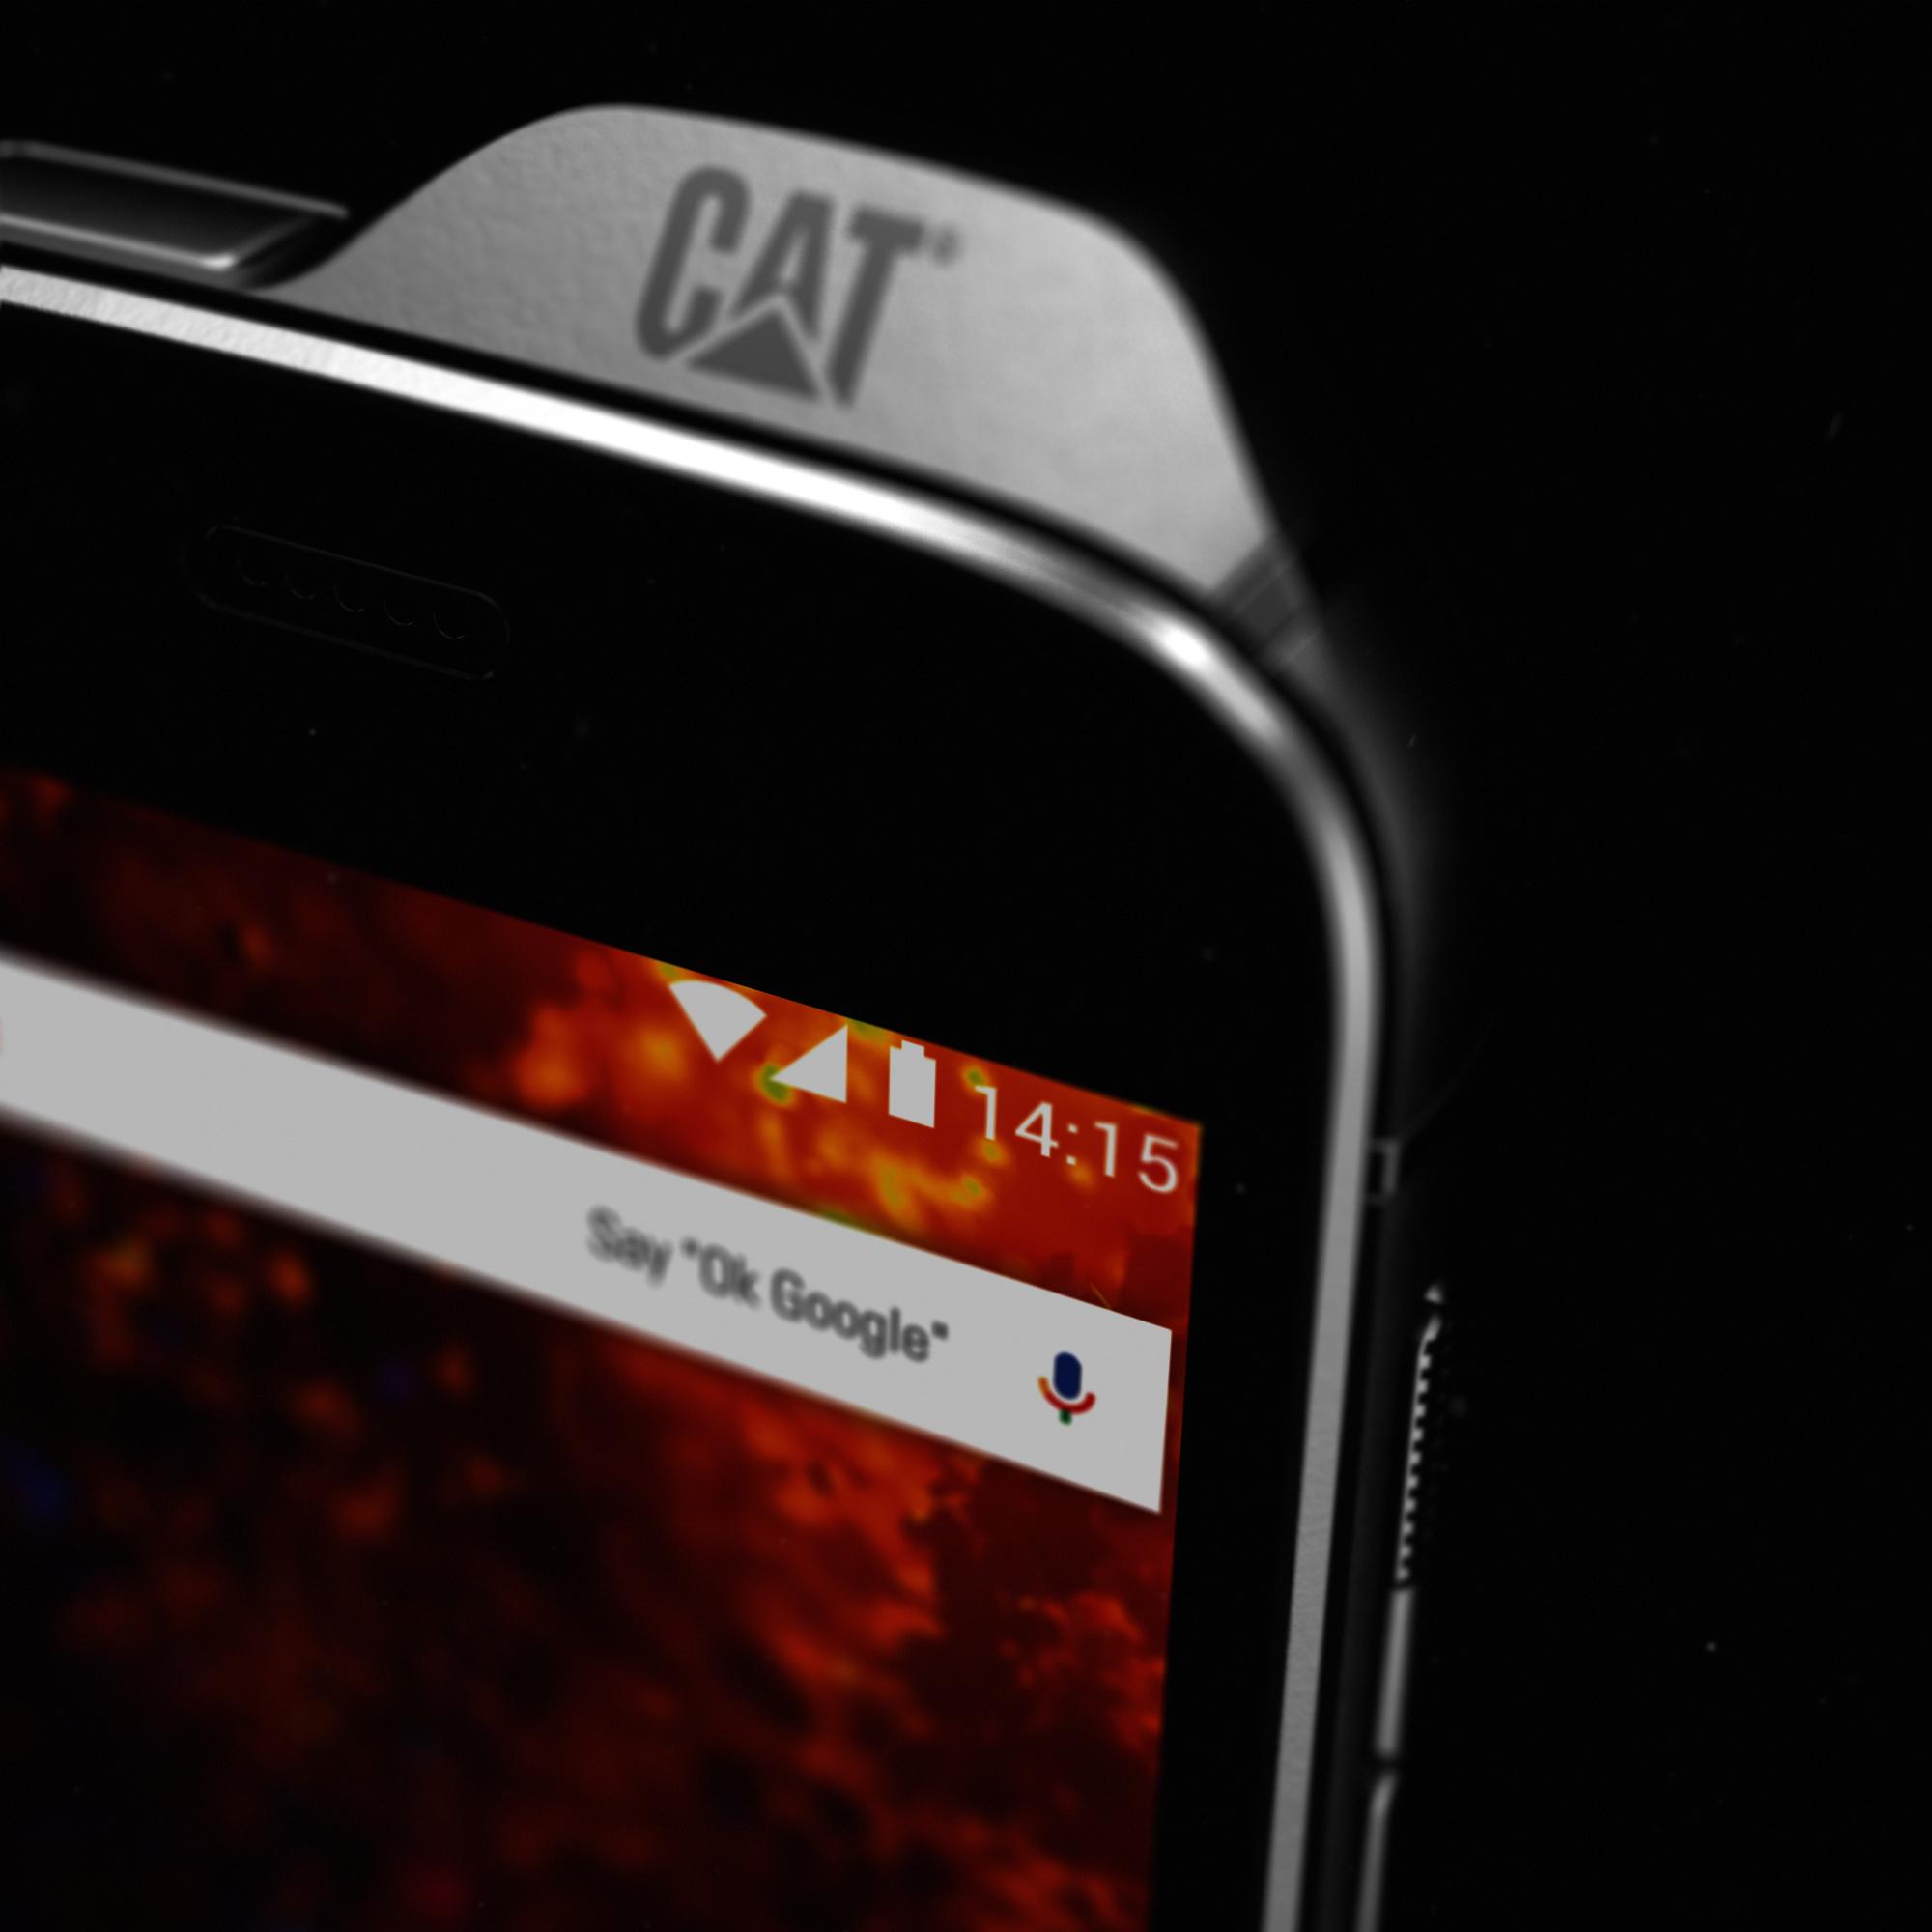 CAT S61 1